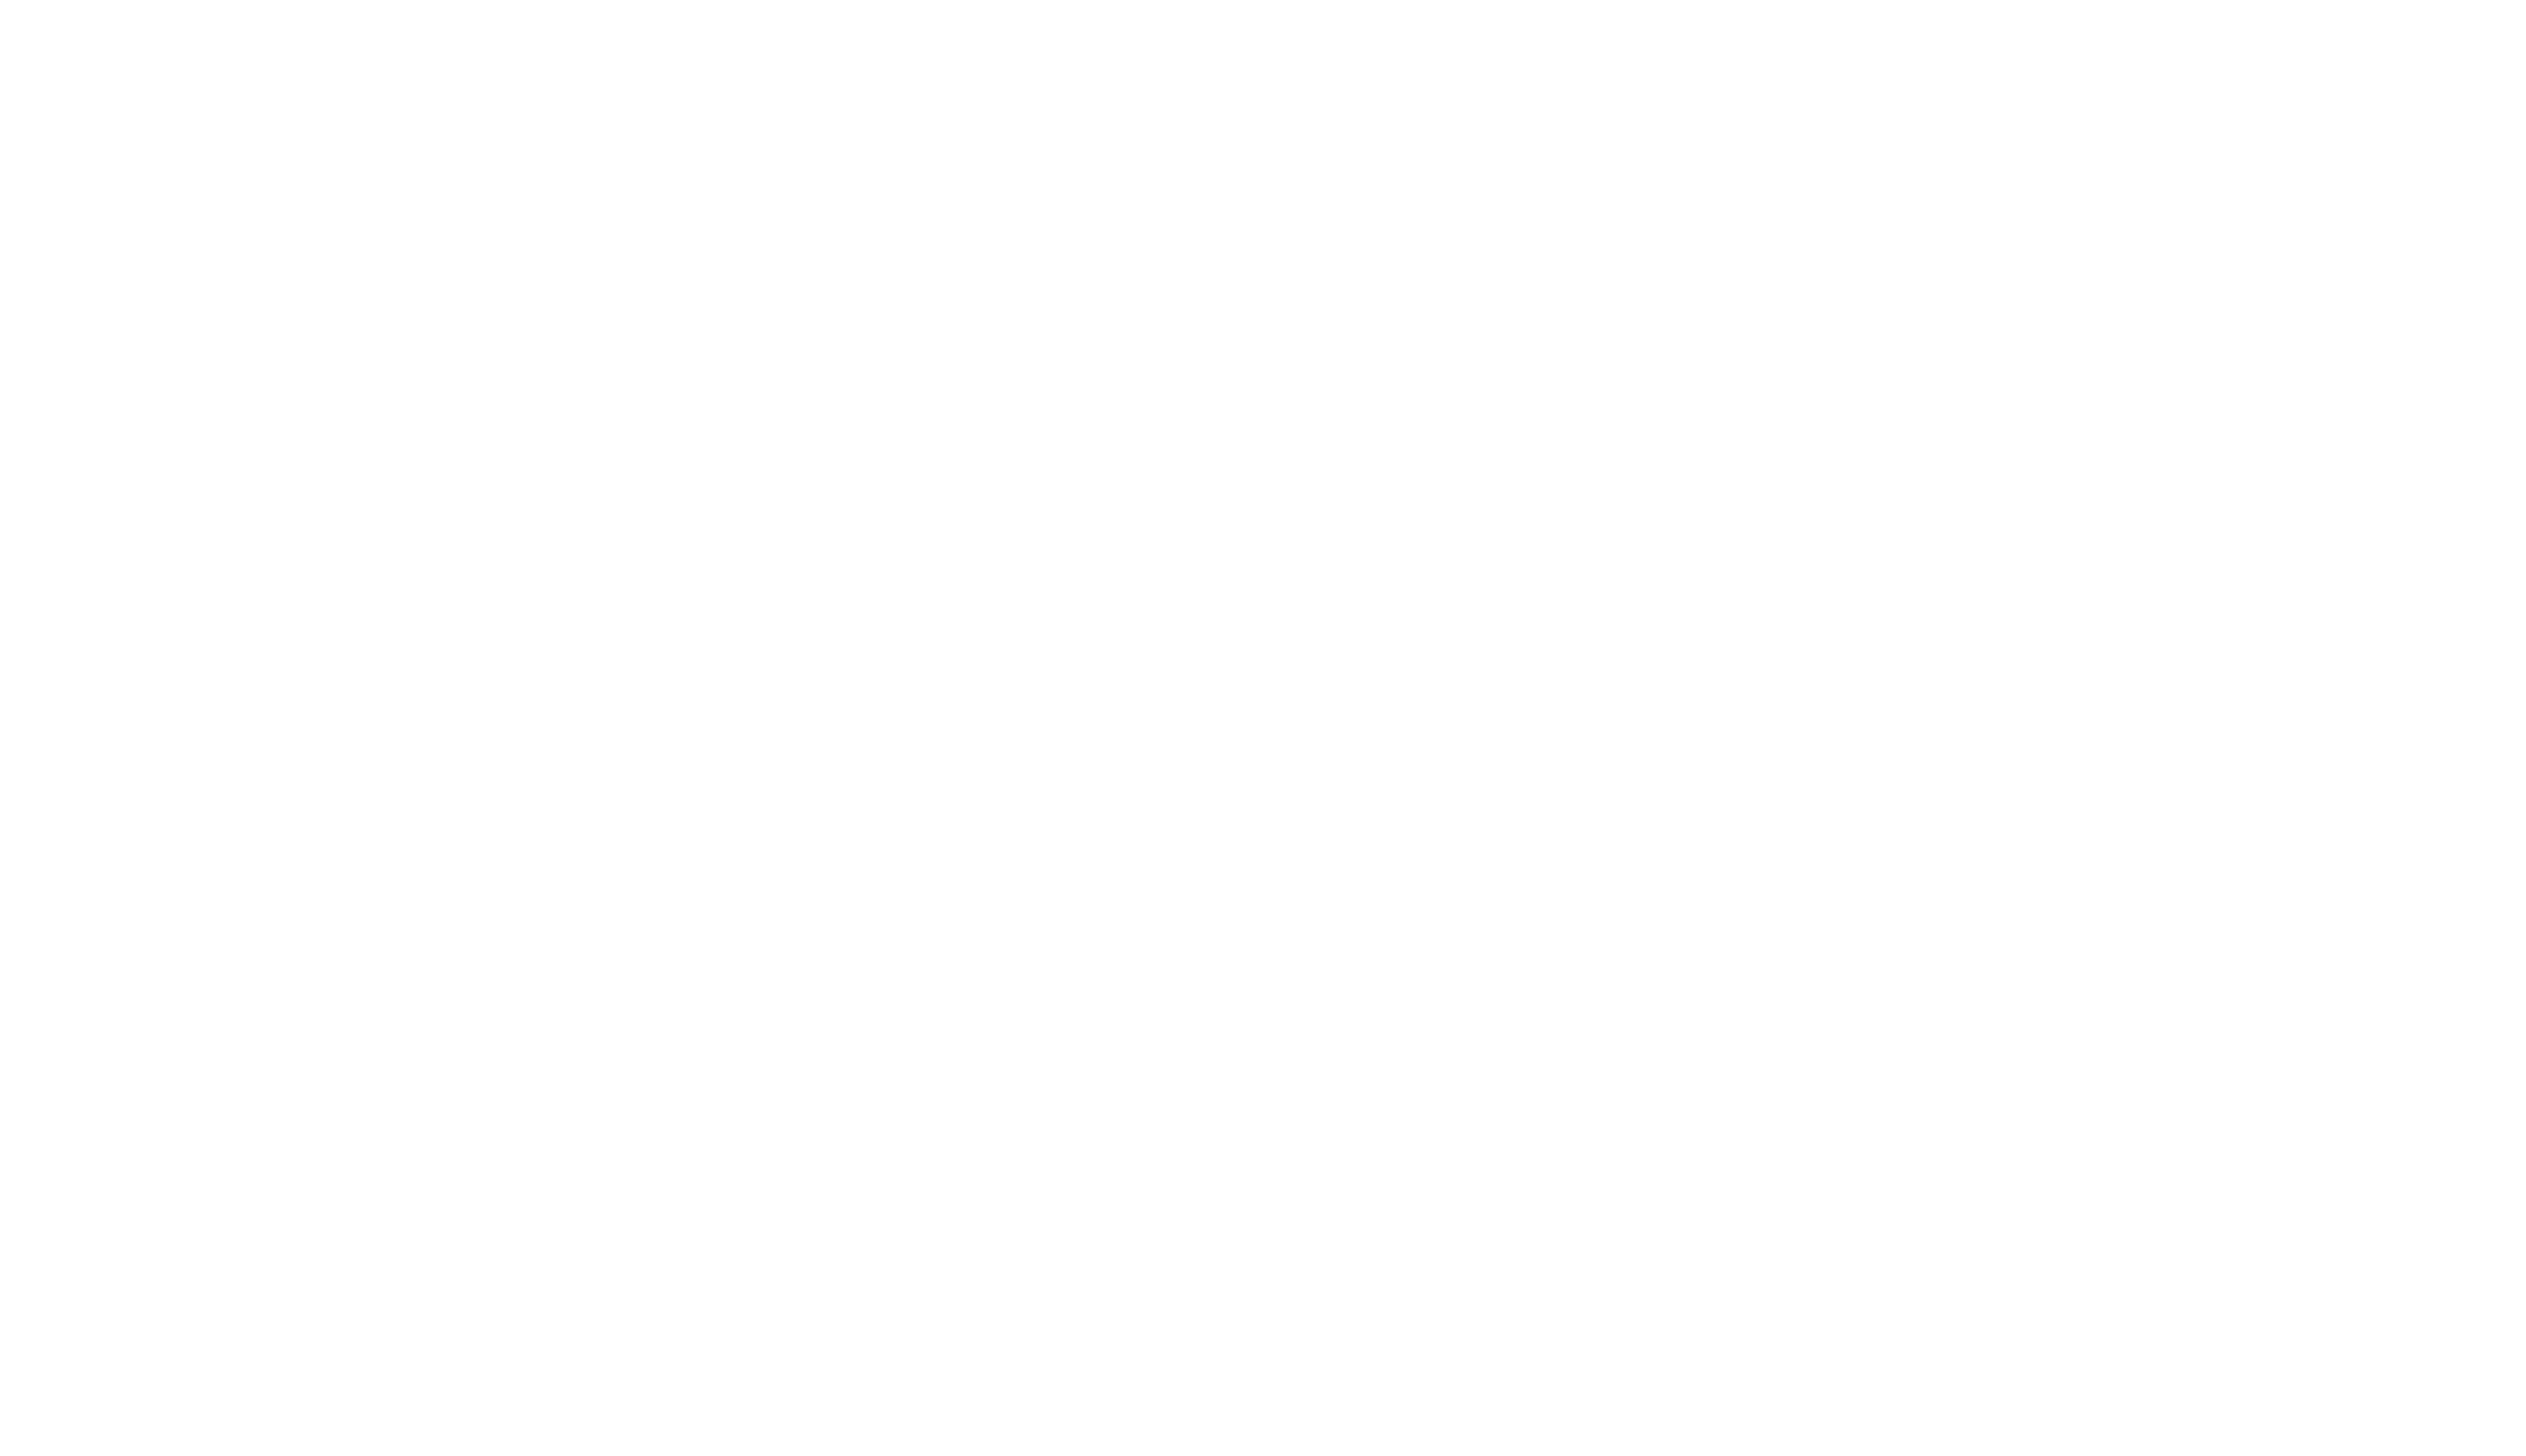 Tripleplay Digital Signage